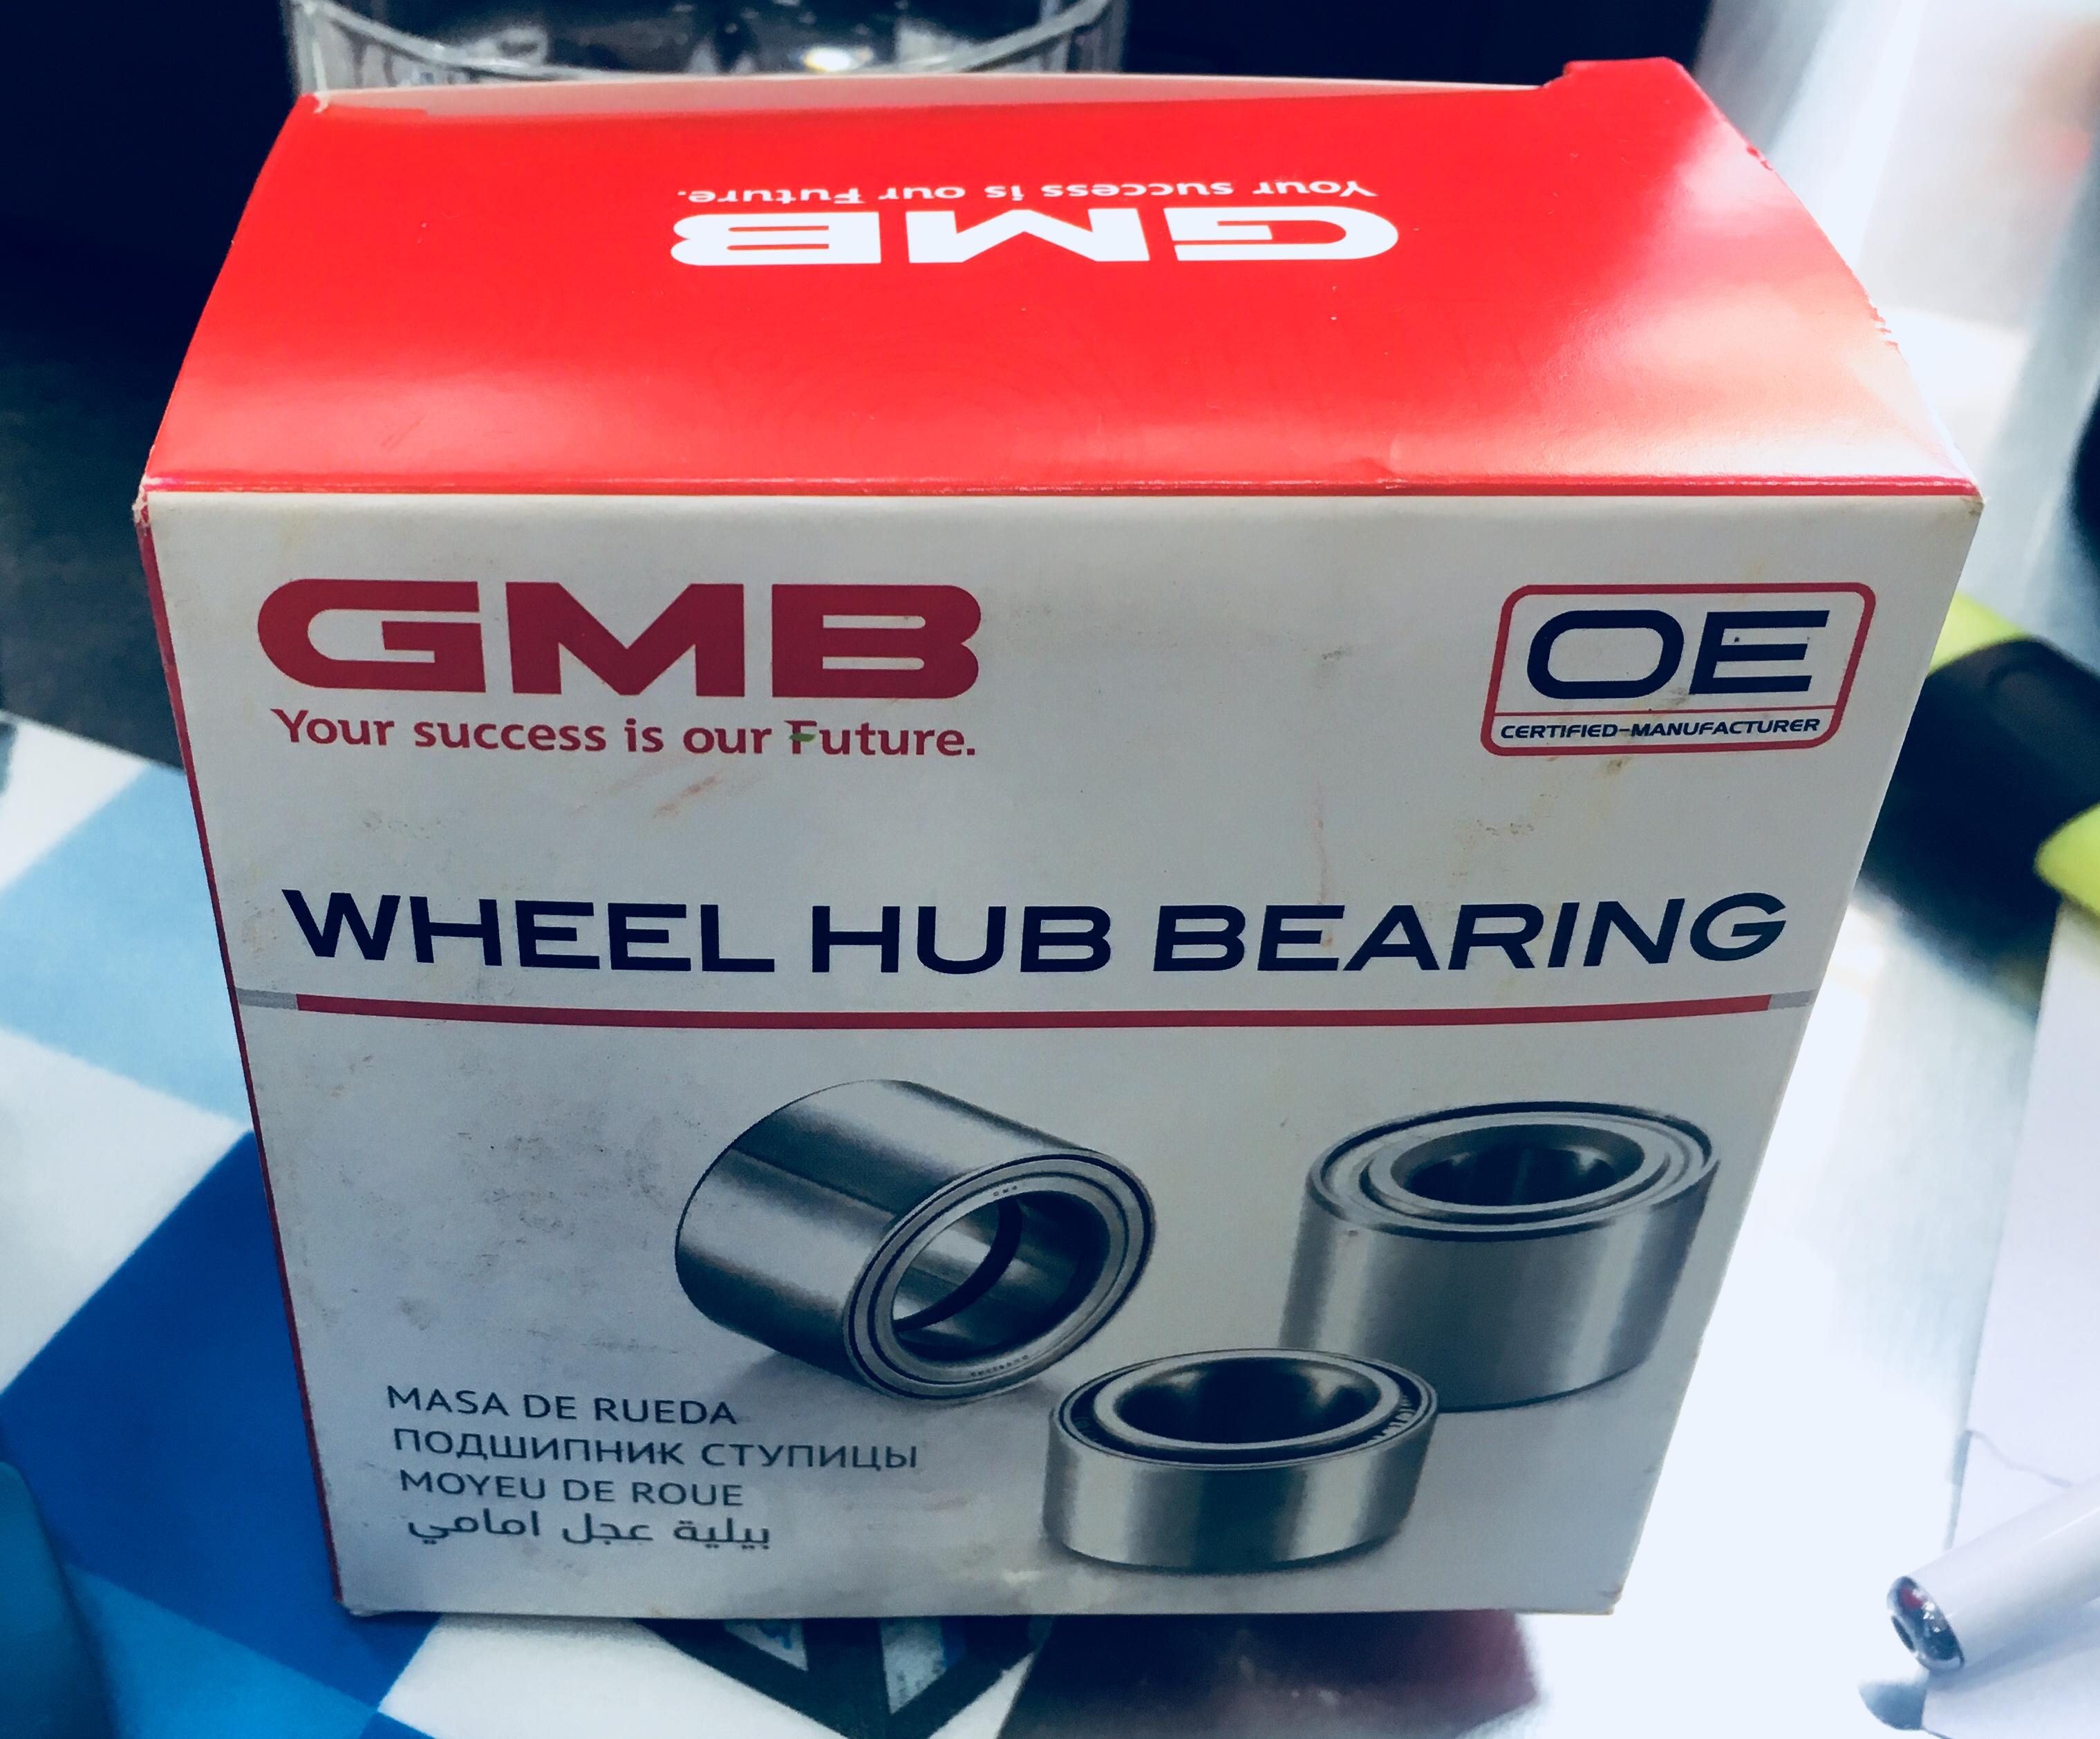 GH31620T GMB527302H000 , IJ113010 HD-AVANTE, WHEEL BEARING_2